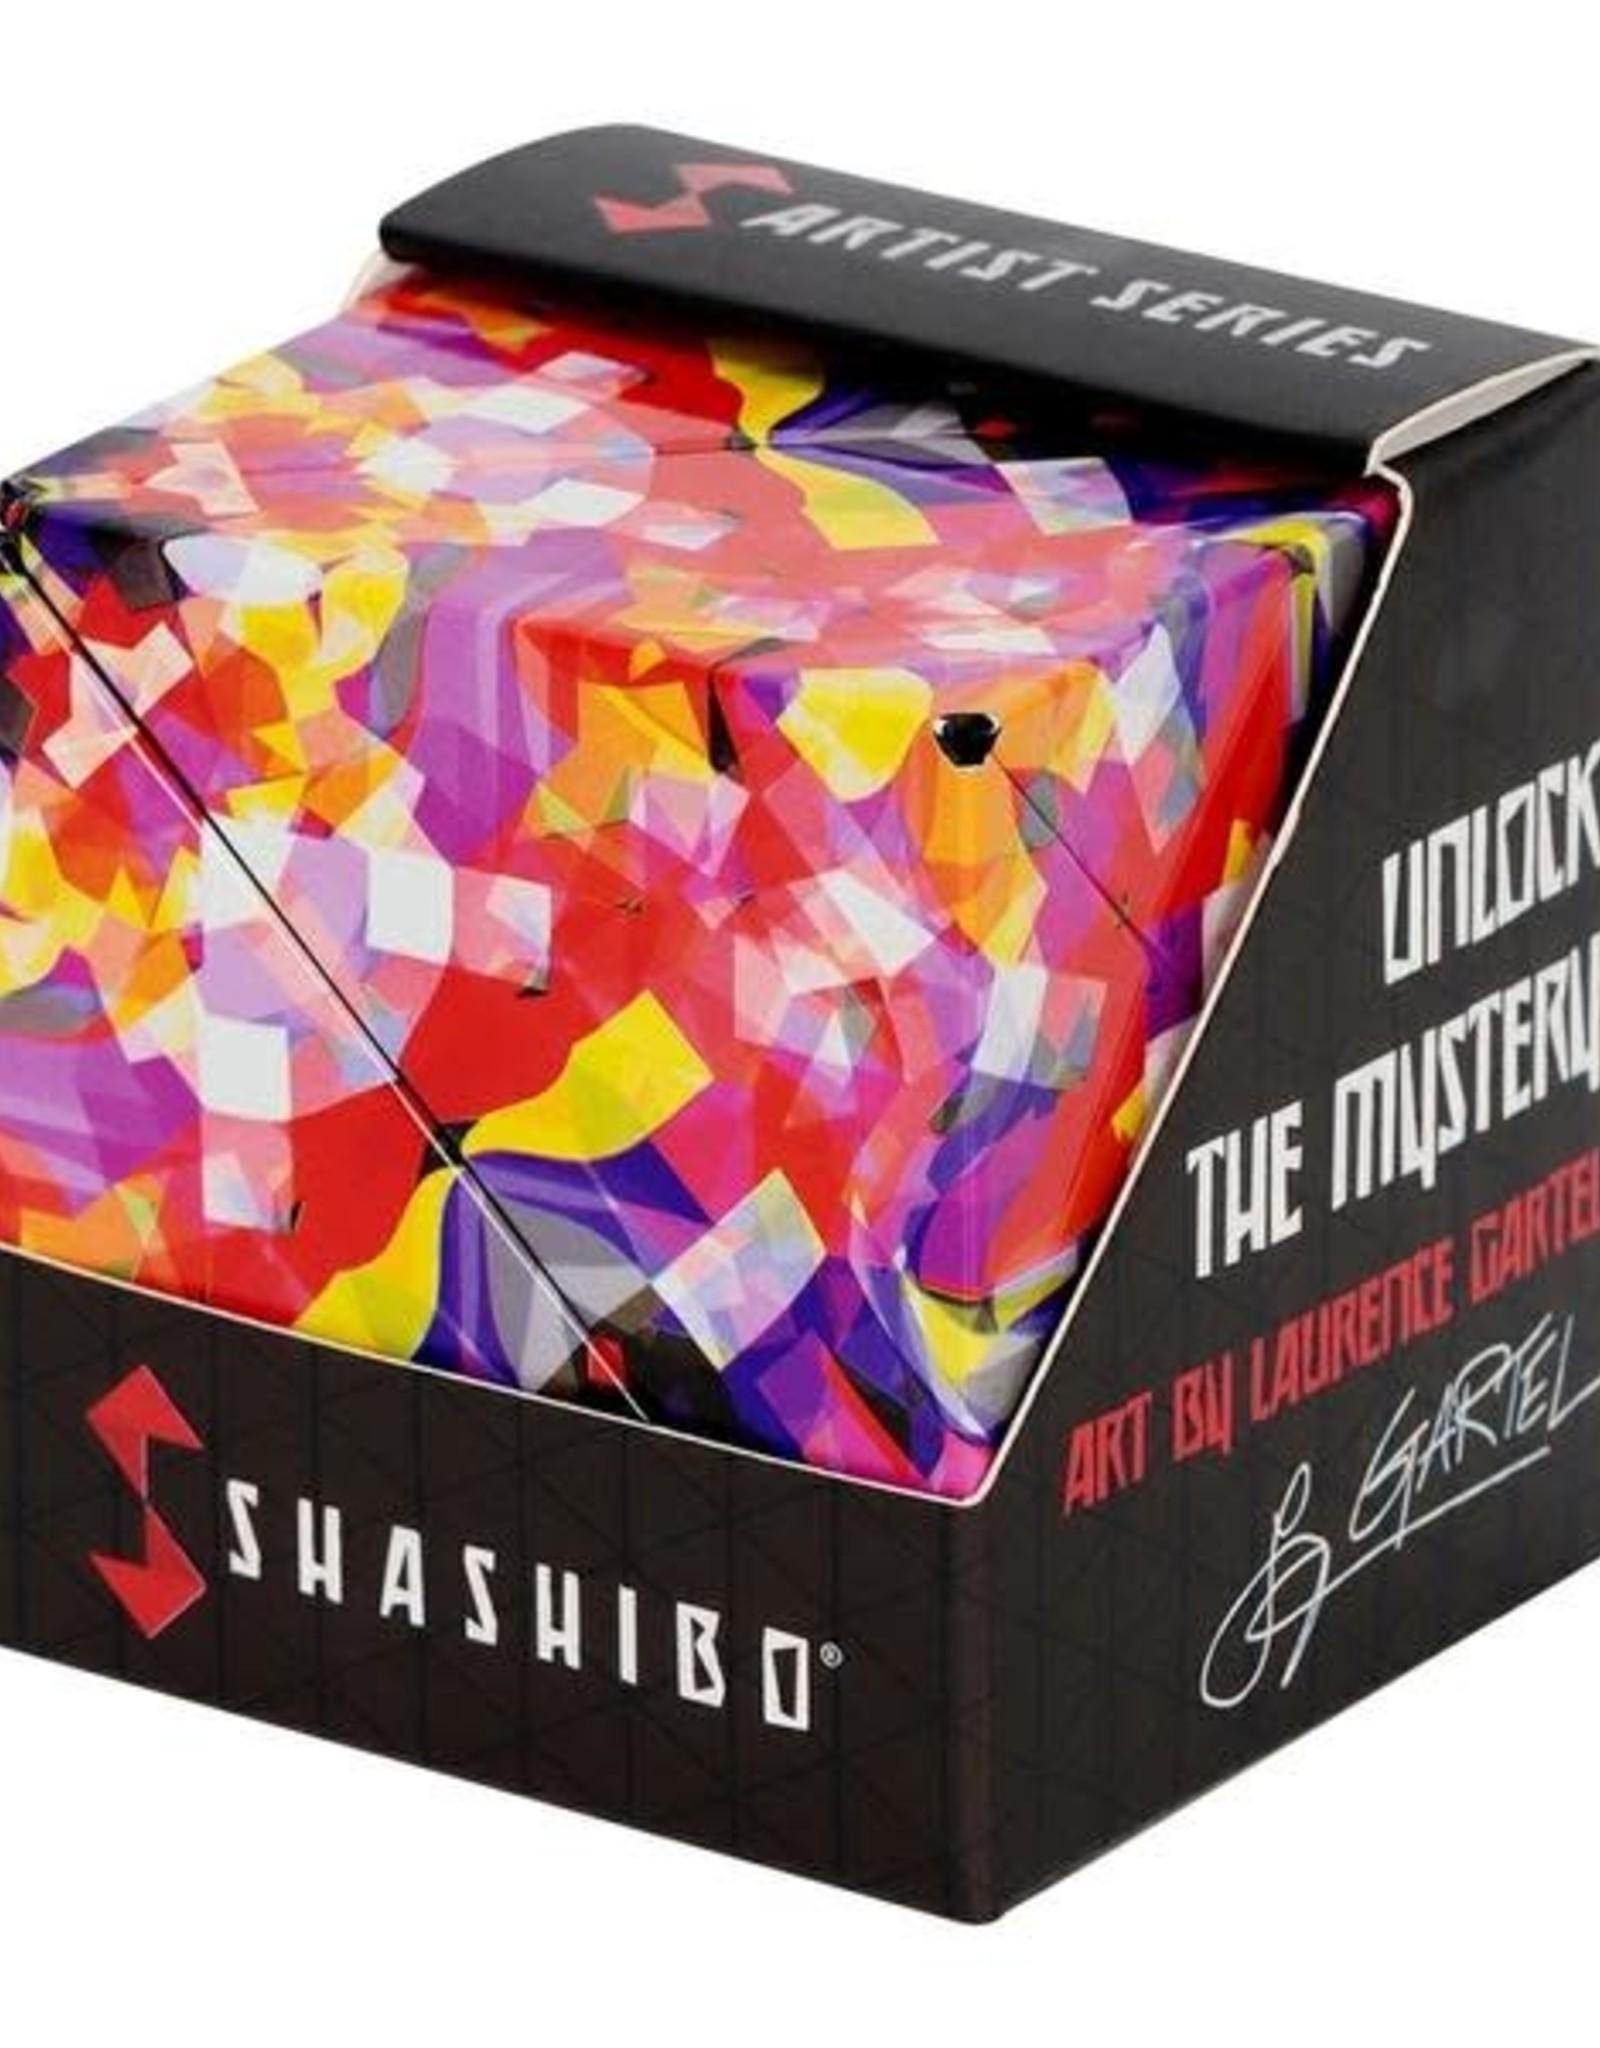 Shashibo CONFETTI